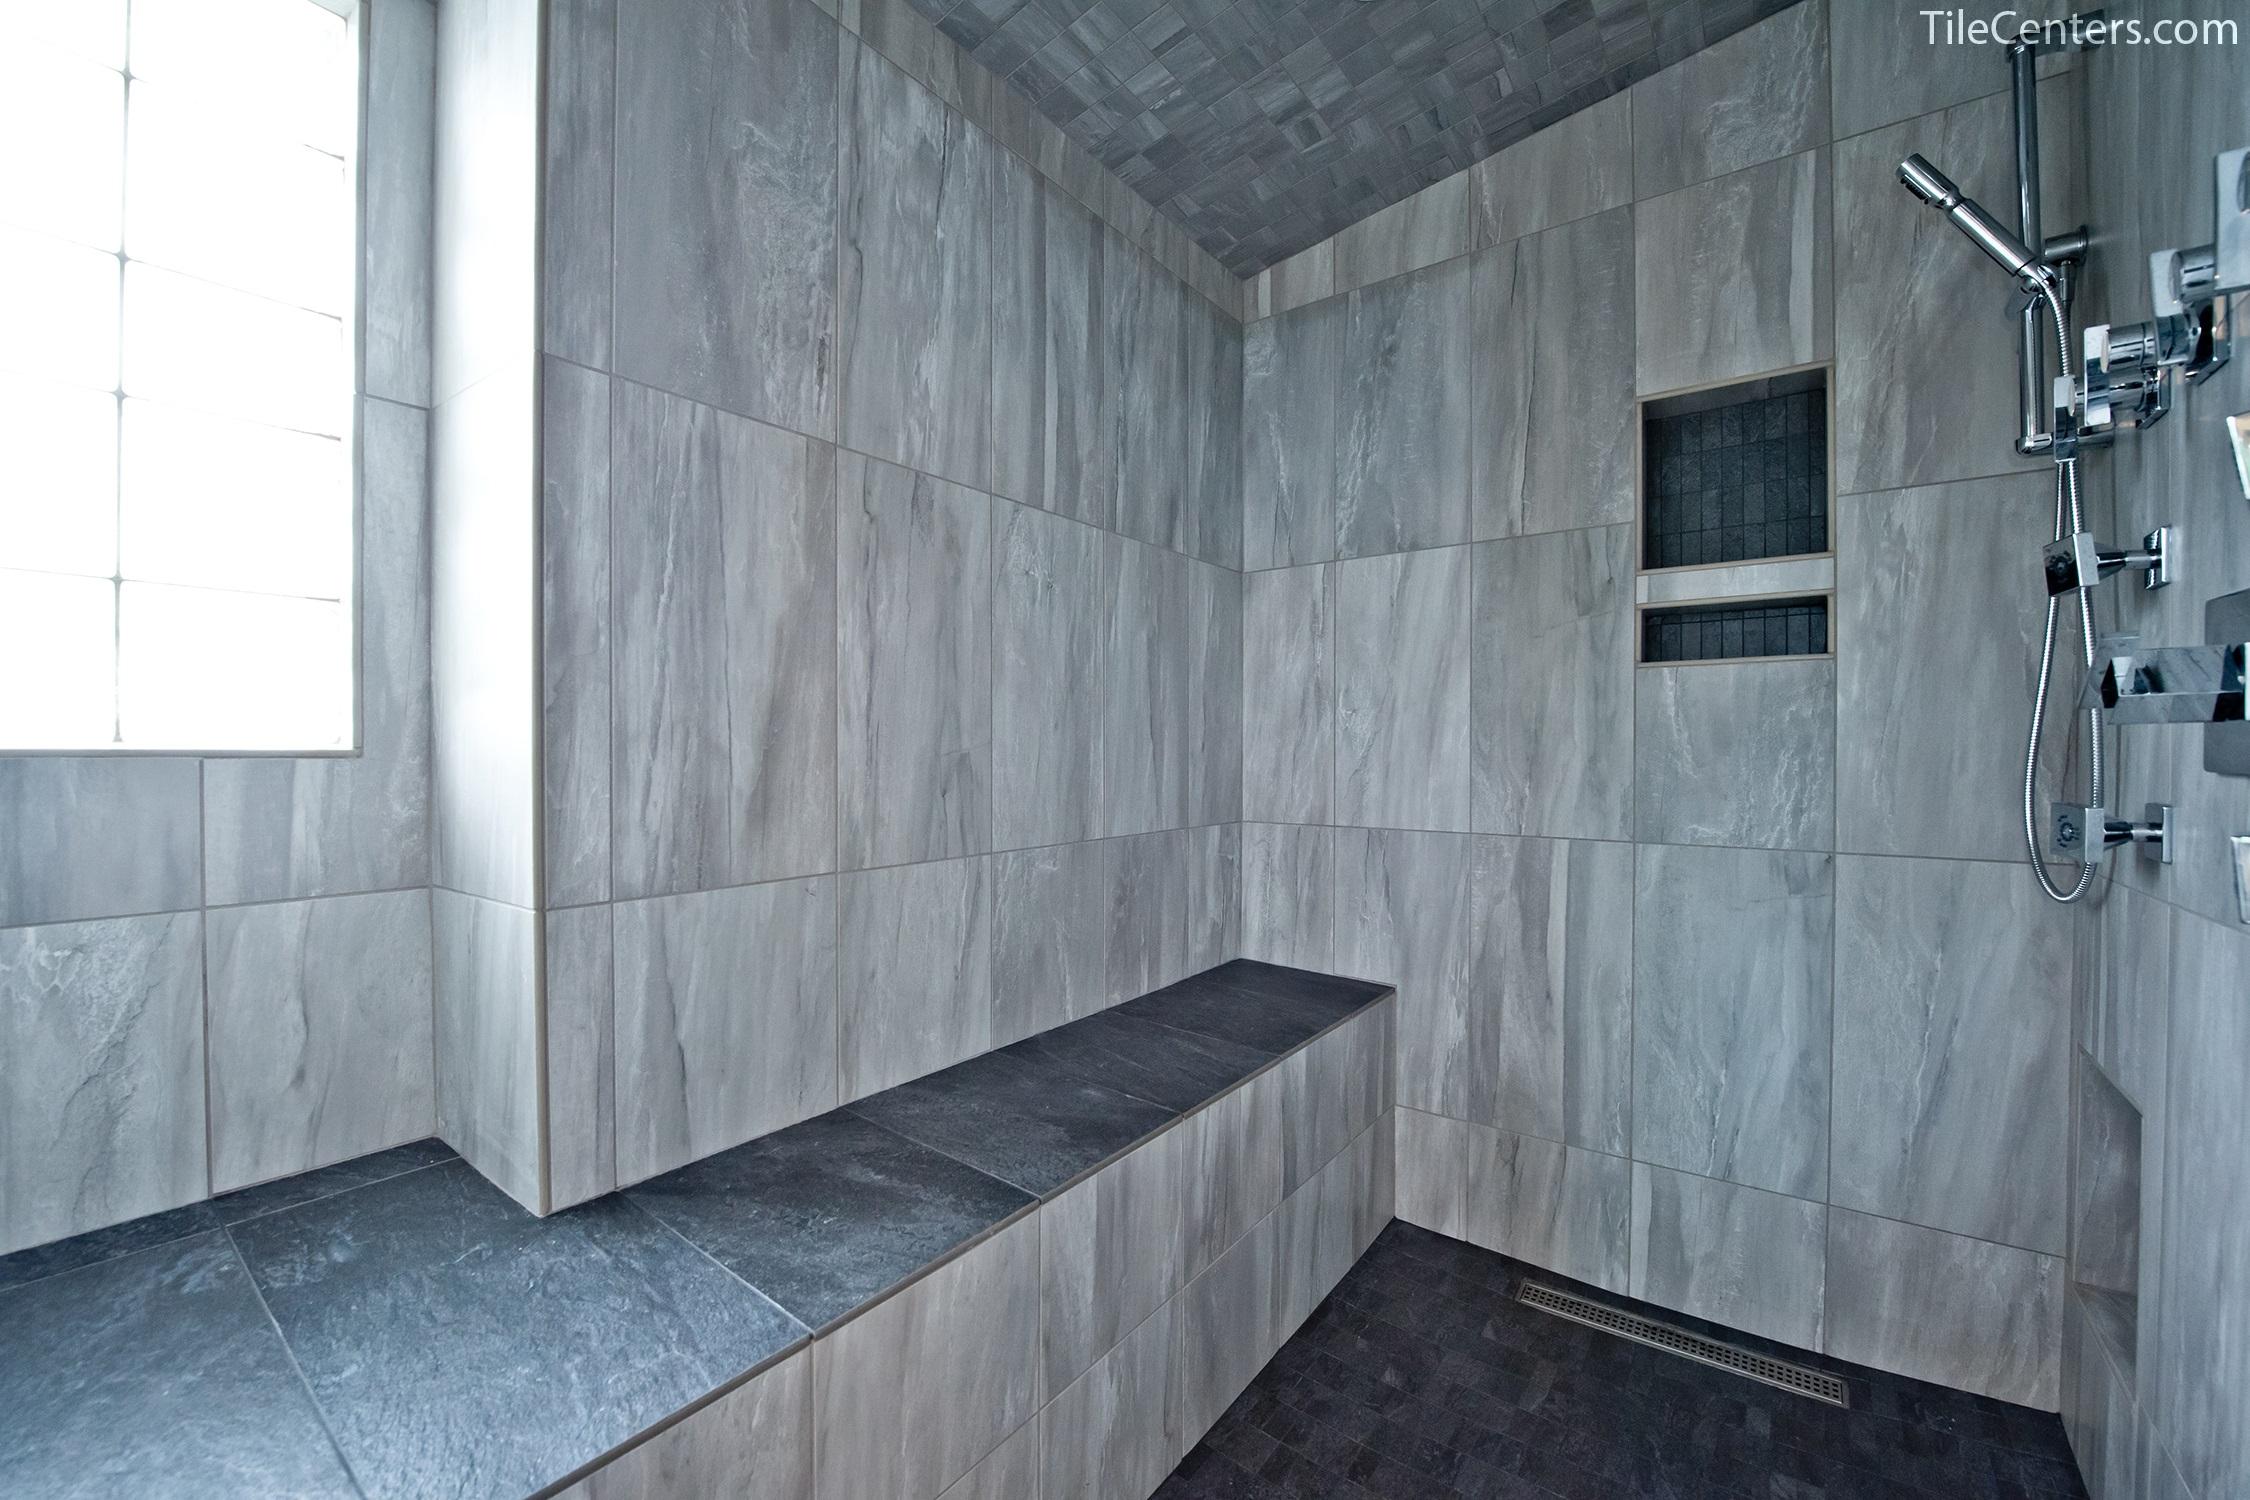 Bathroom - Aubinoe Farm Dr, Bethesda, MD 20814: Tile Center ...